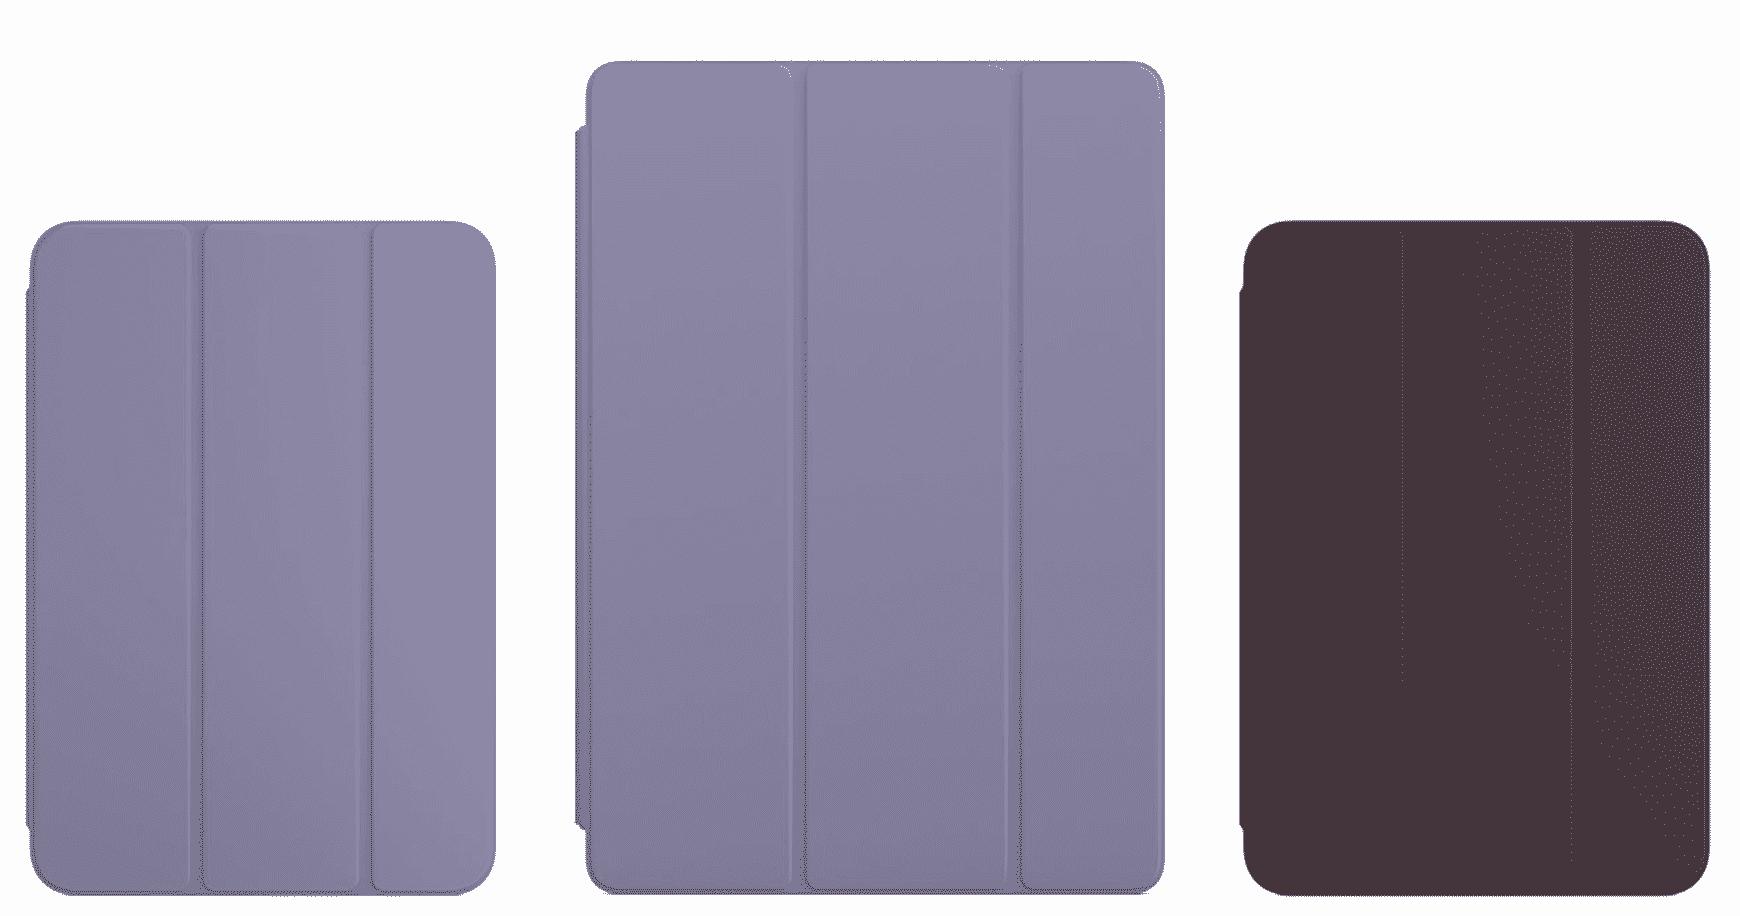 New iPad mini and iPad Case Colors